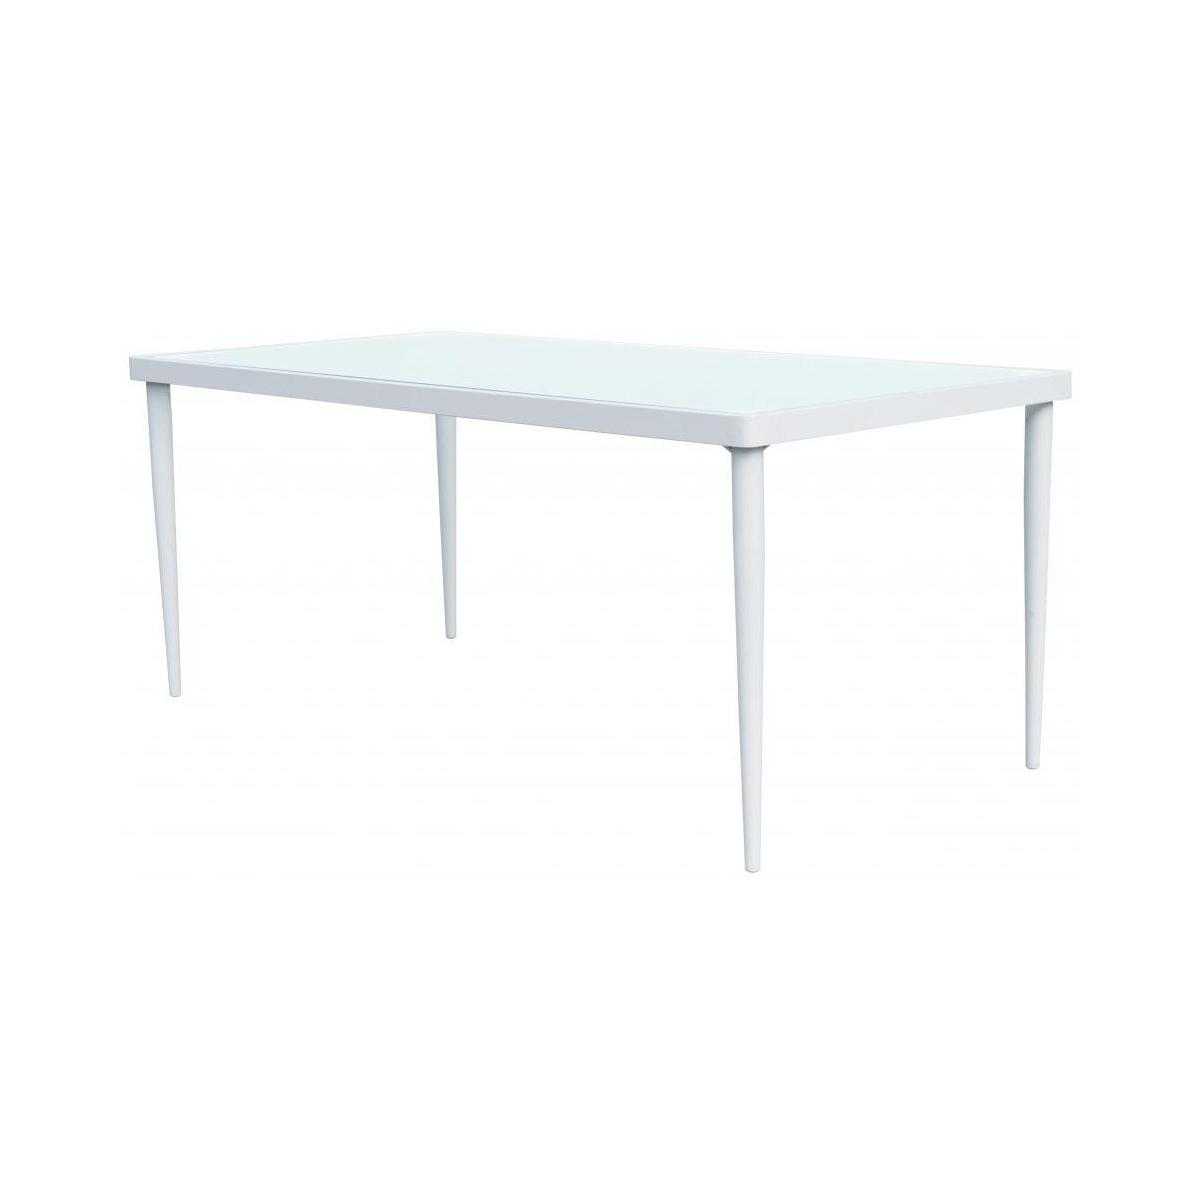 Table De Jardin En Aluminium Et Verre Trempé - Blanc avec Table De Jardin Dessus Verre